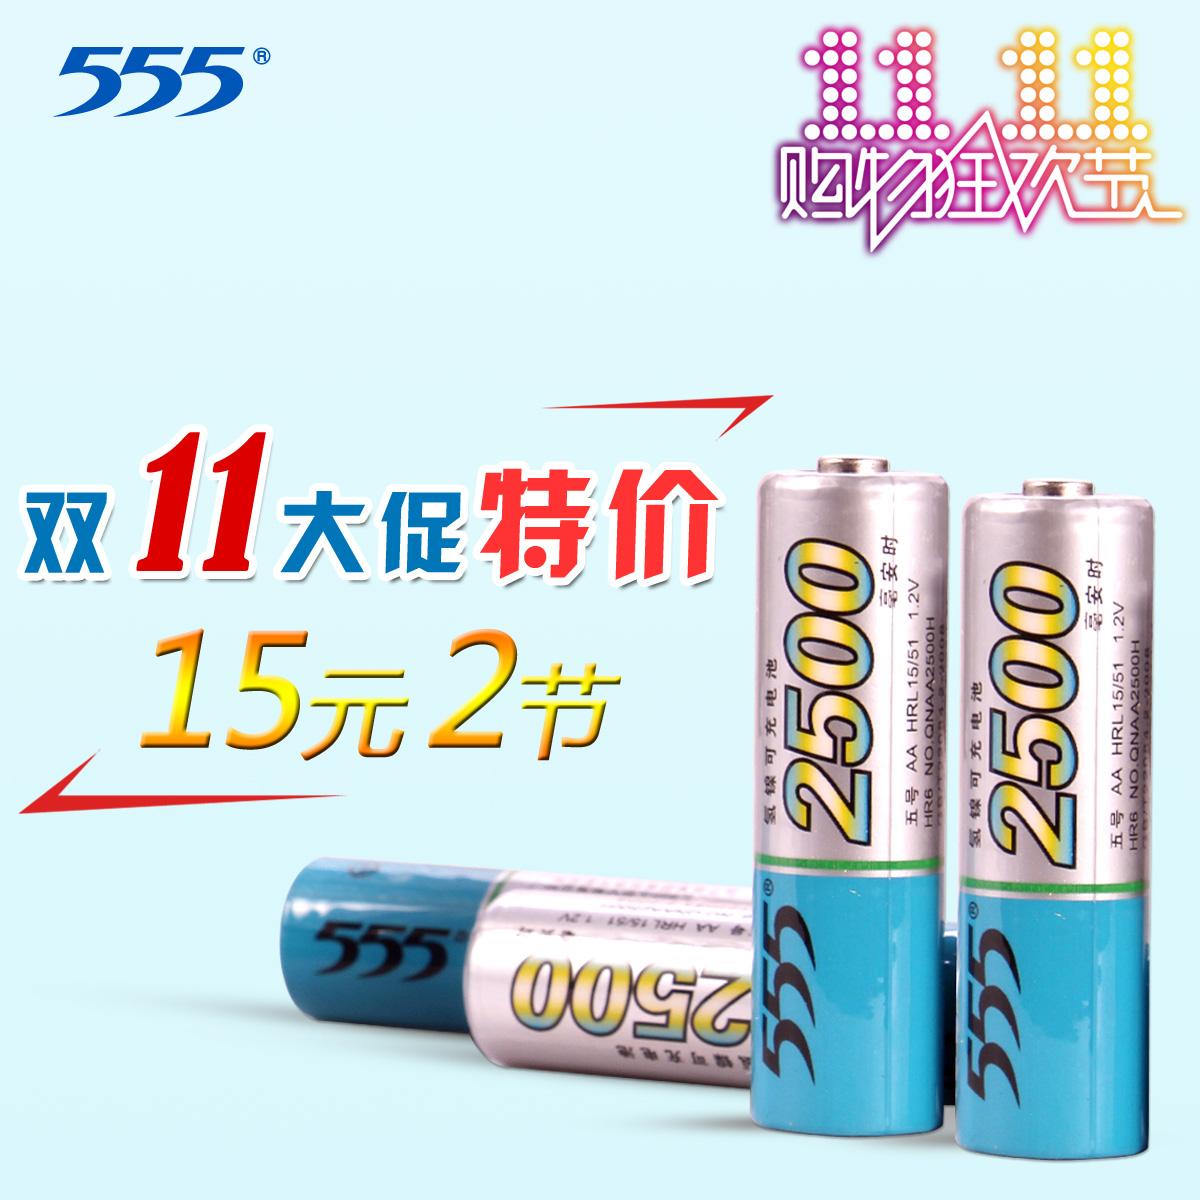 Зарядные устройства для пальчиковых аккумуляторов типа ААА и АА 65